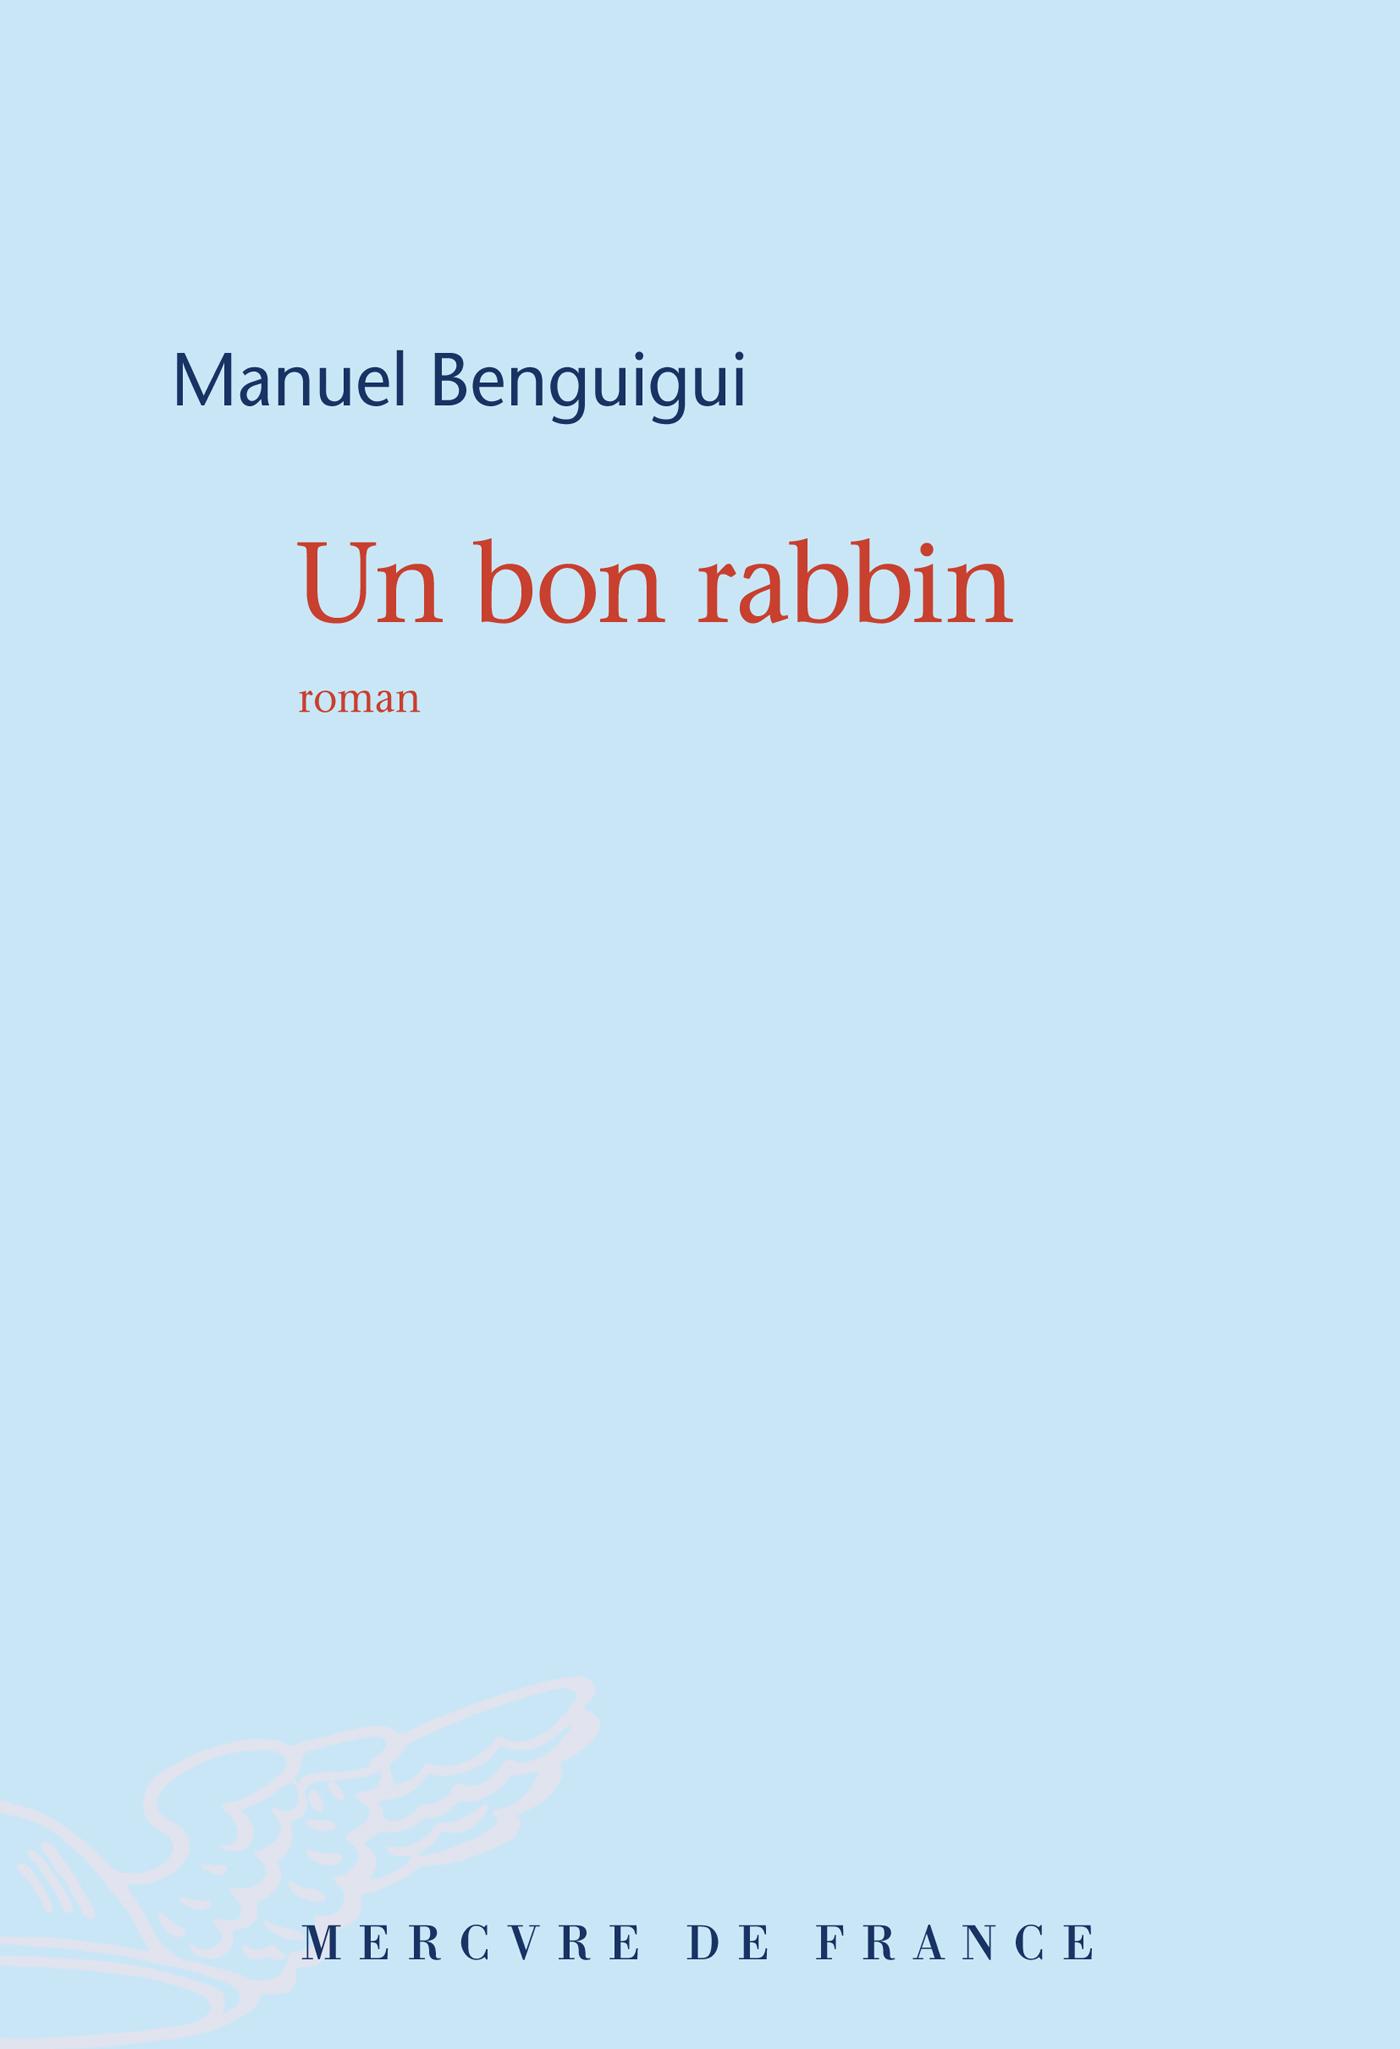 Un bon rabbin | Benguigui, Manuel